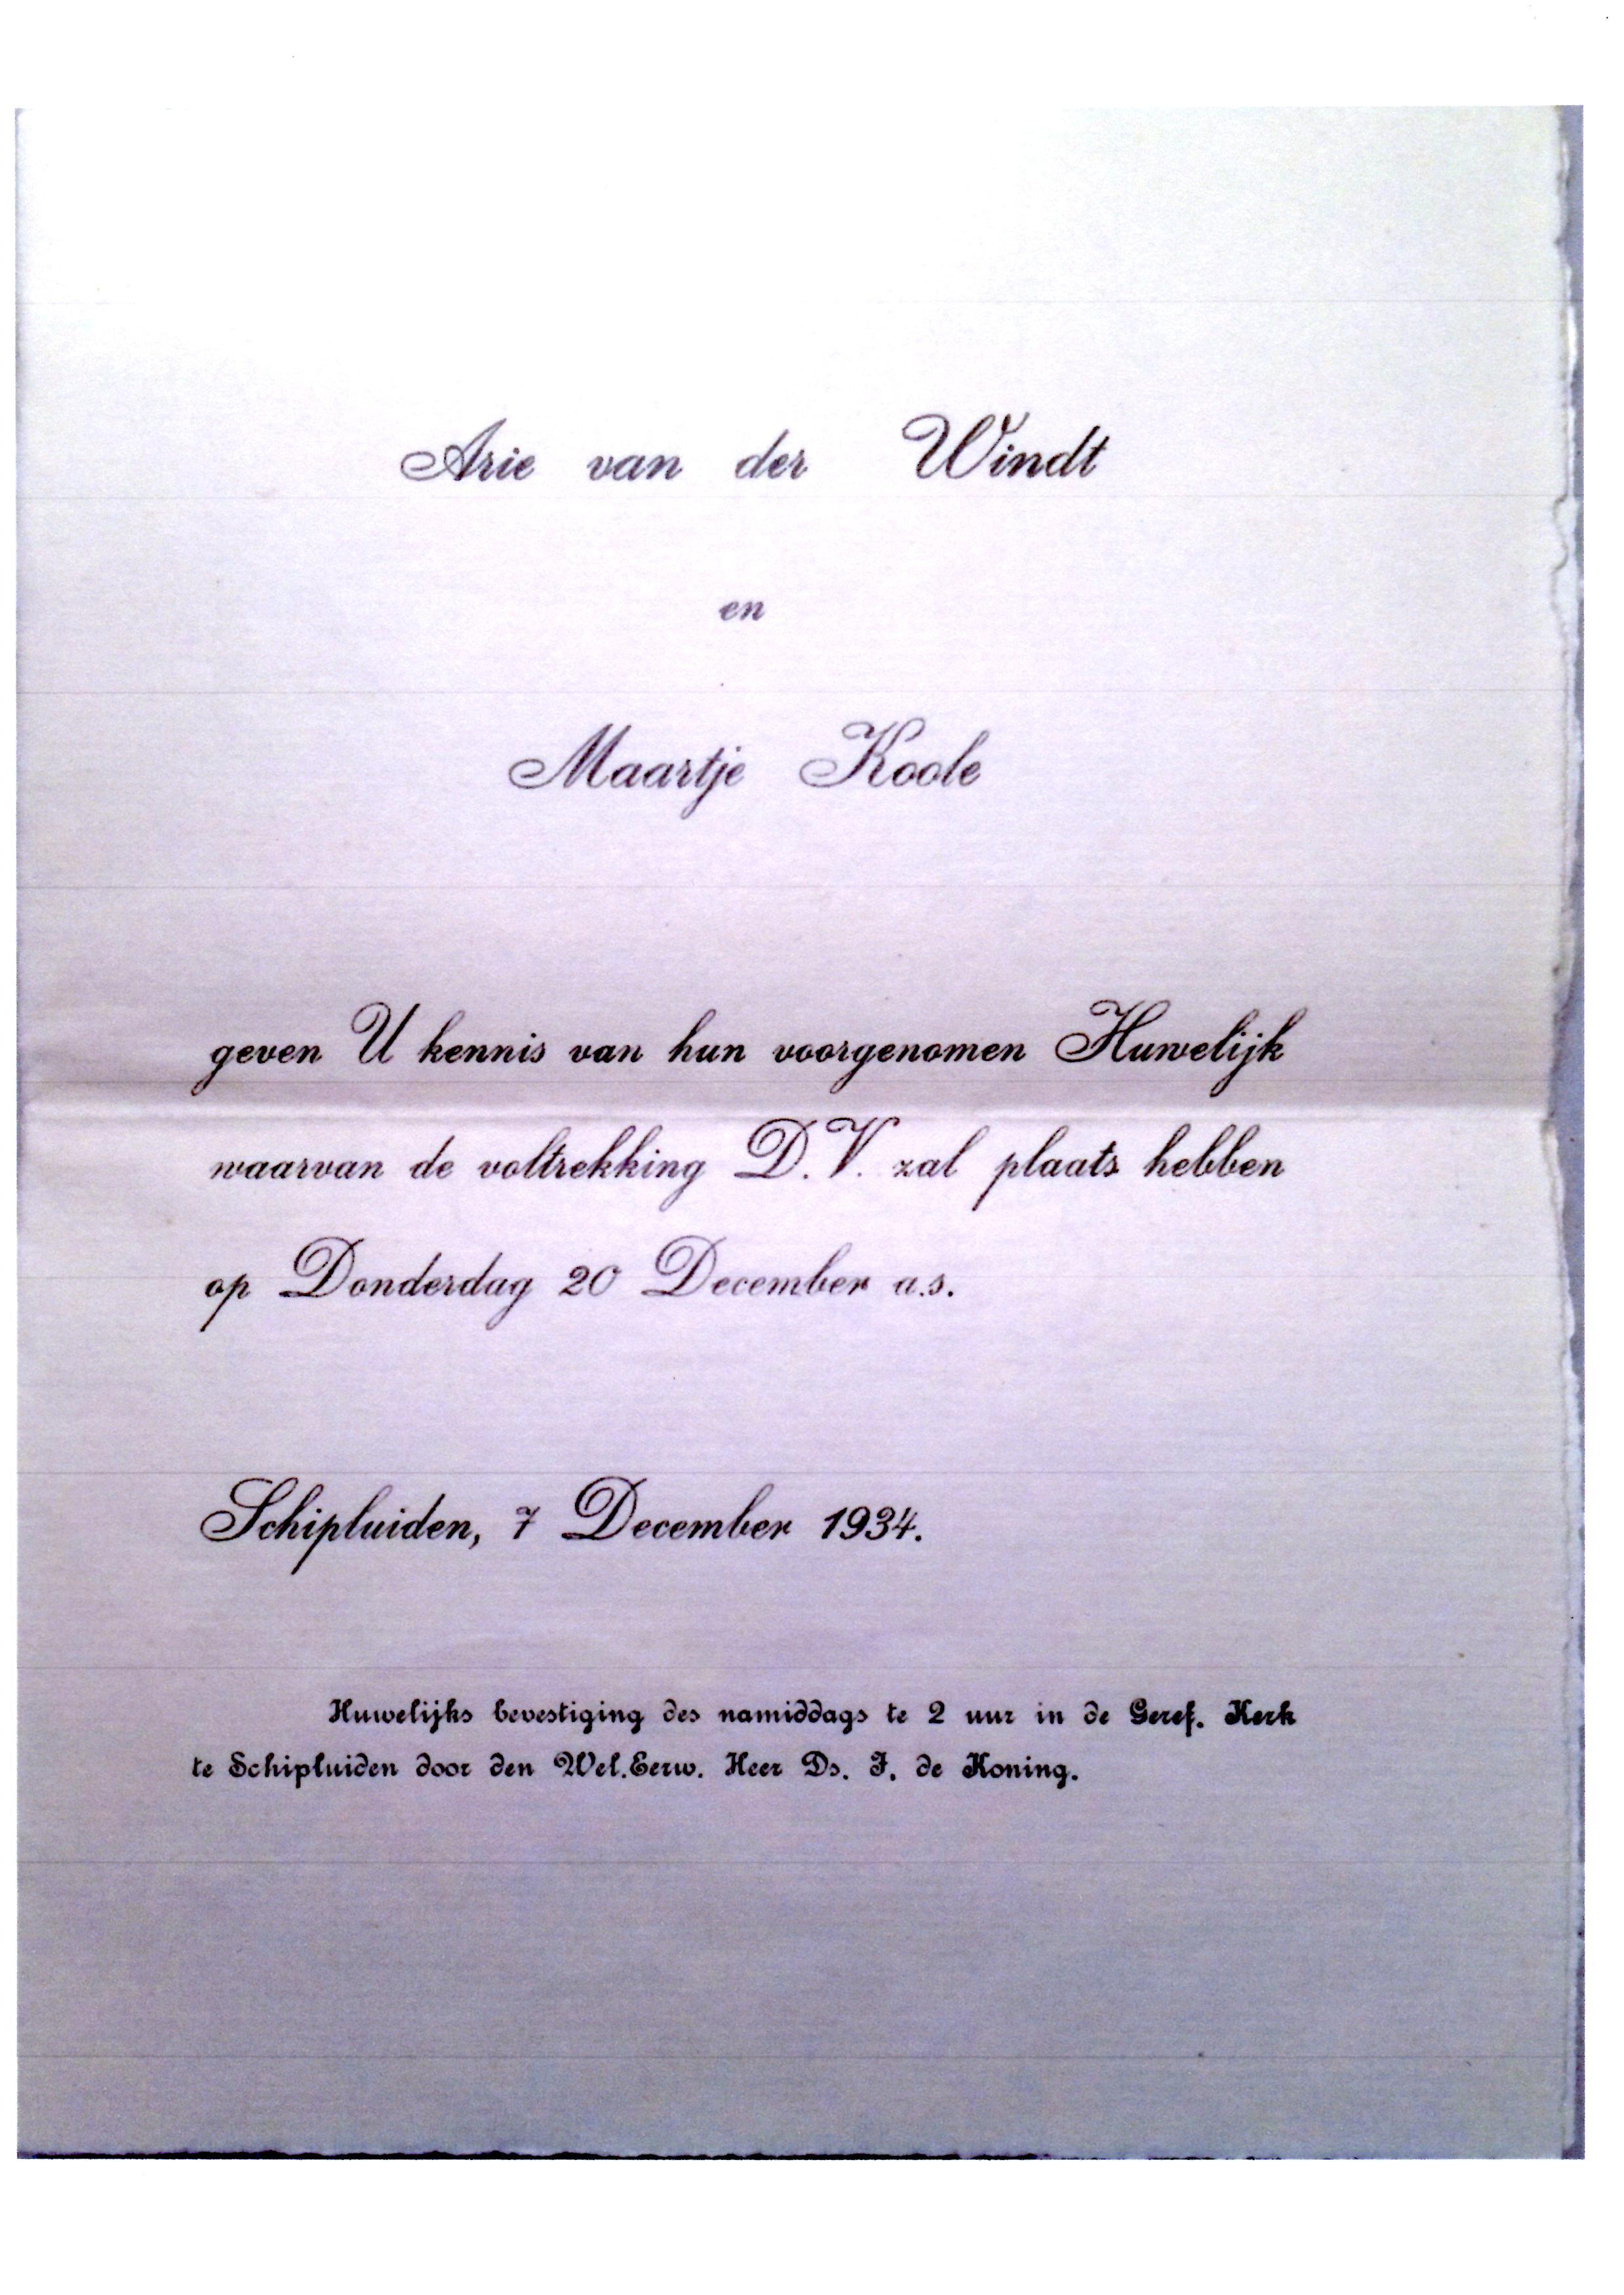 1934-12-07 Aankondiging huwelijk Arie van der Windt en Maartje Koole